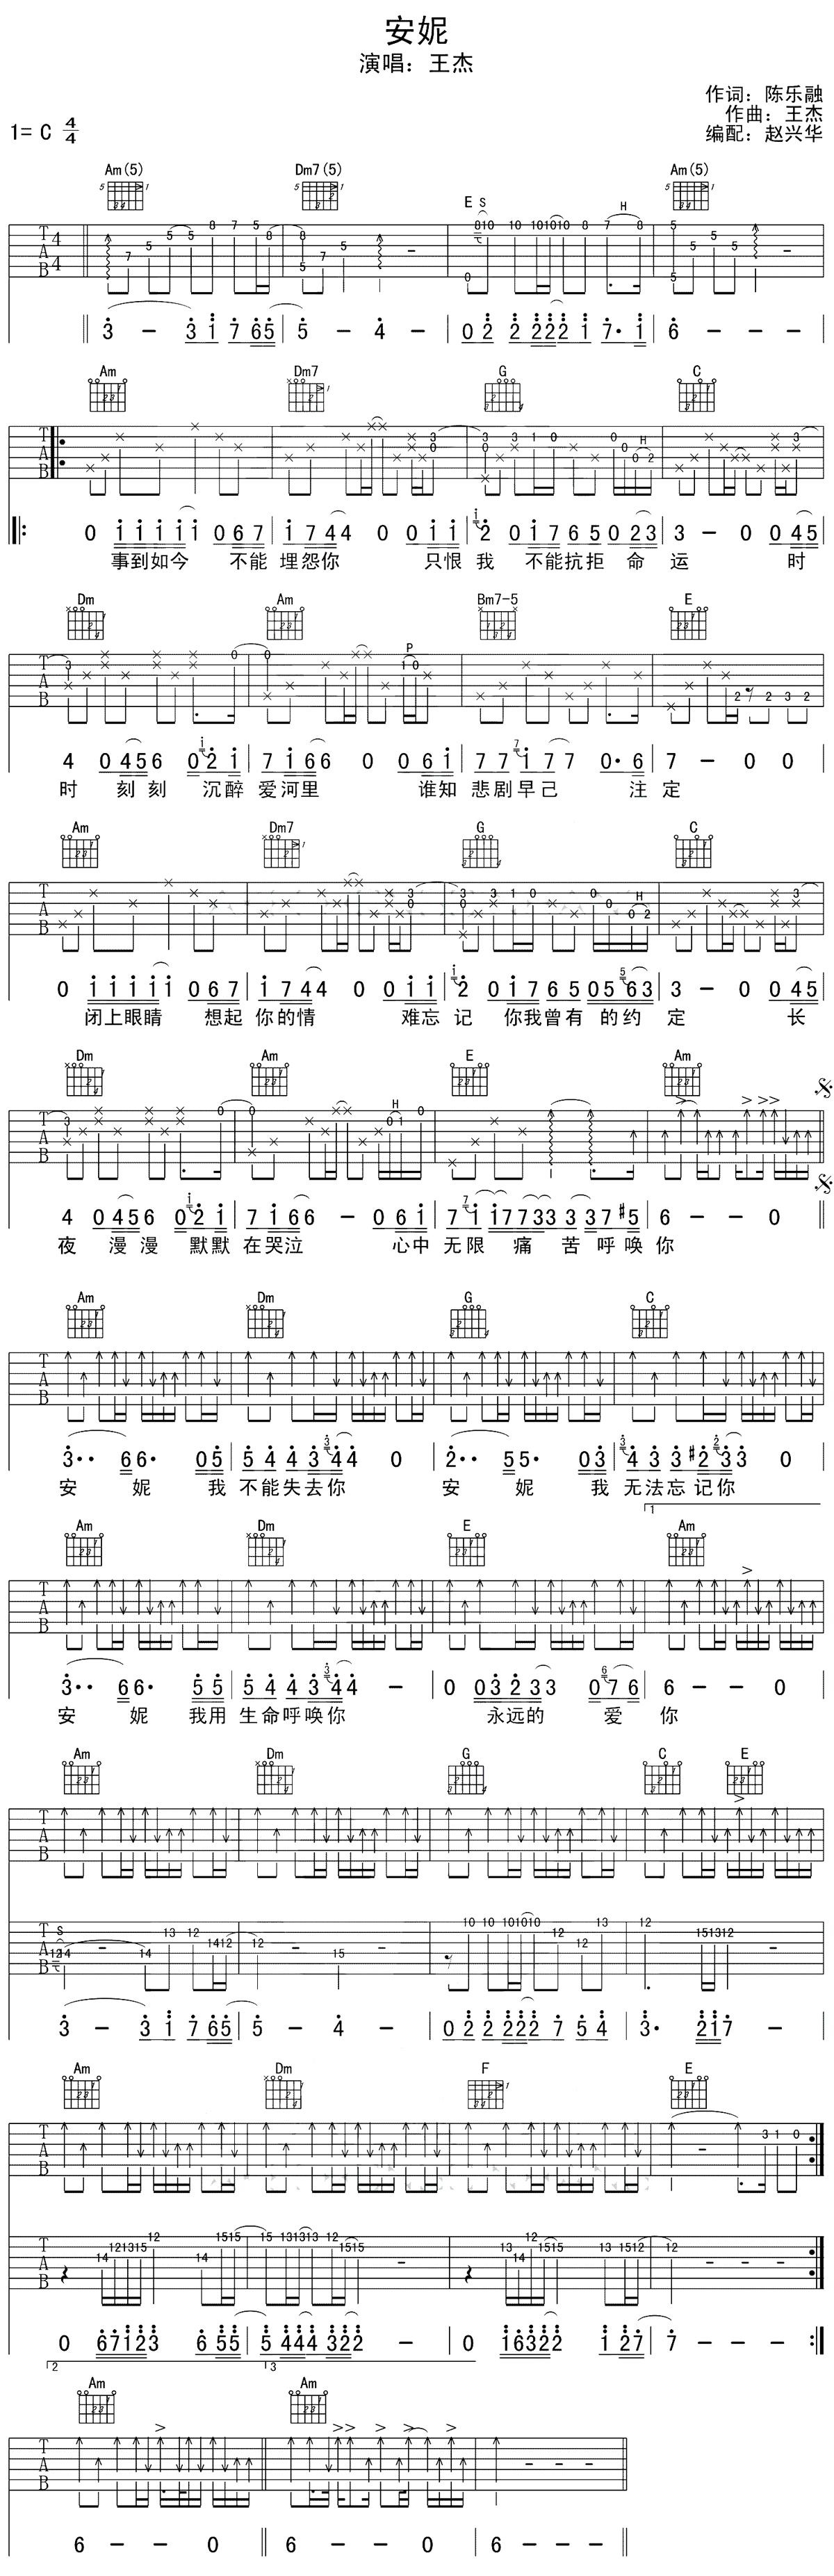 王杰《安妮》吉他图片谱_C调和弦_六线谱_新手弹唱版.jpg